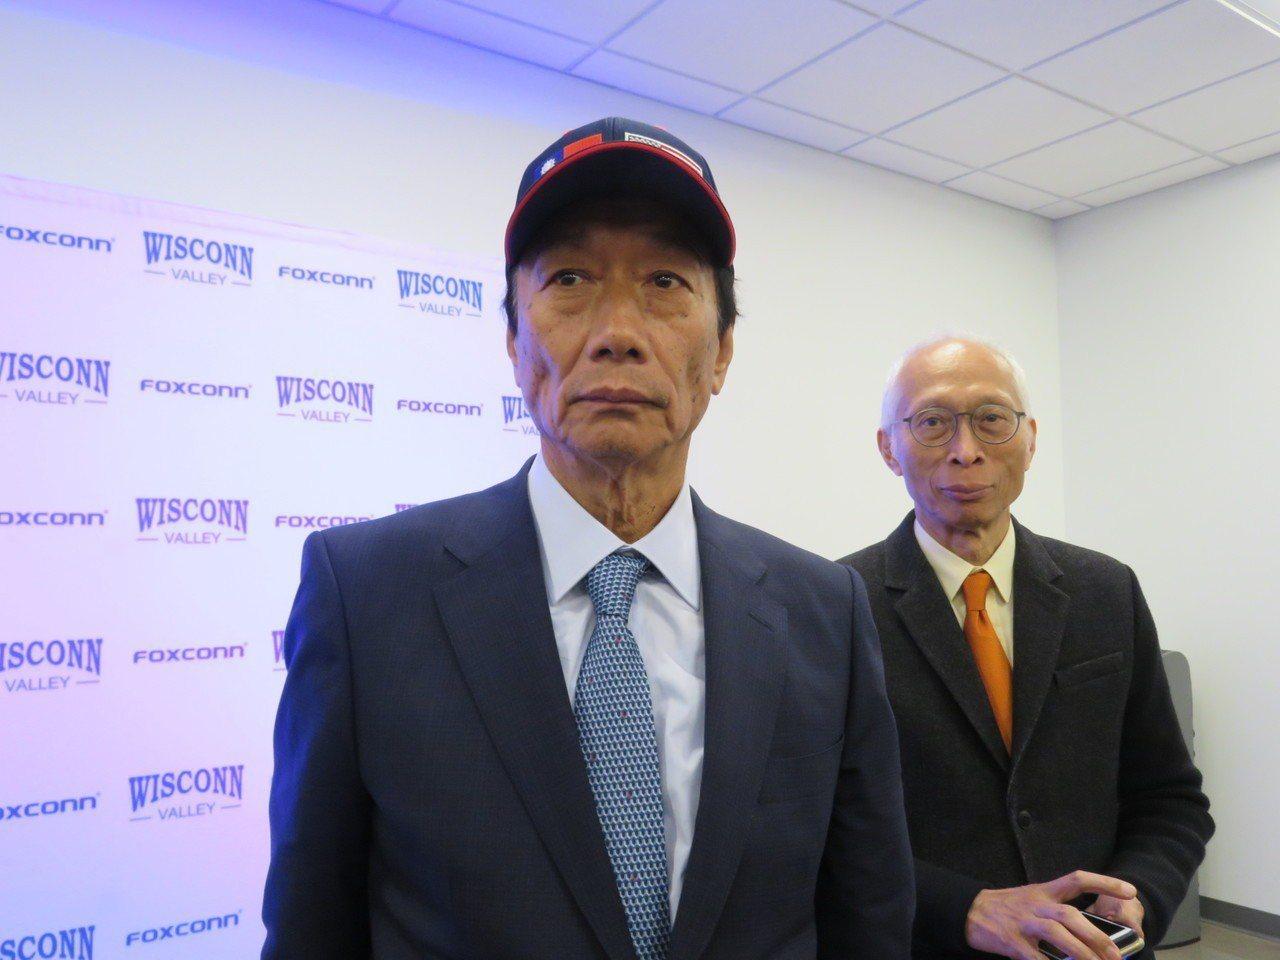 郭台銘表示,事先不知鴻海子公司睿綸生技股份有限公司標政府生意,這已違背他的原則。...